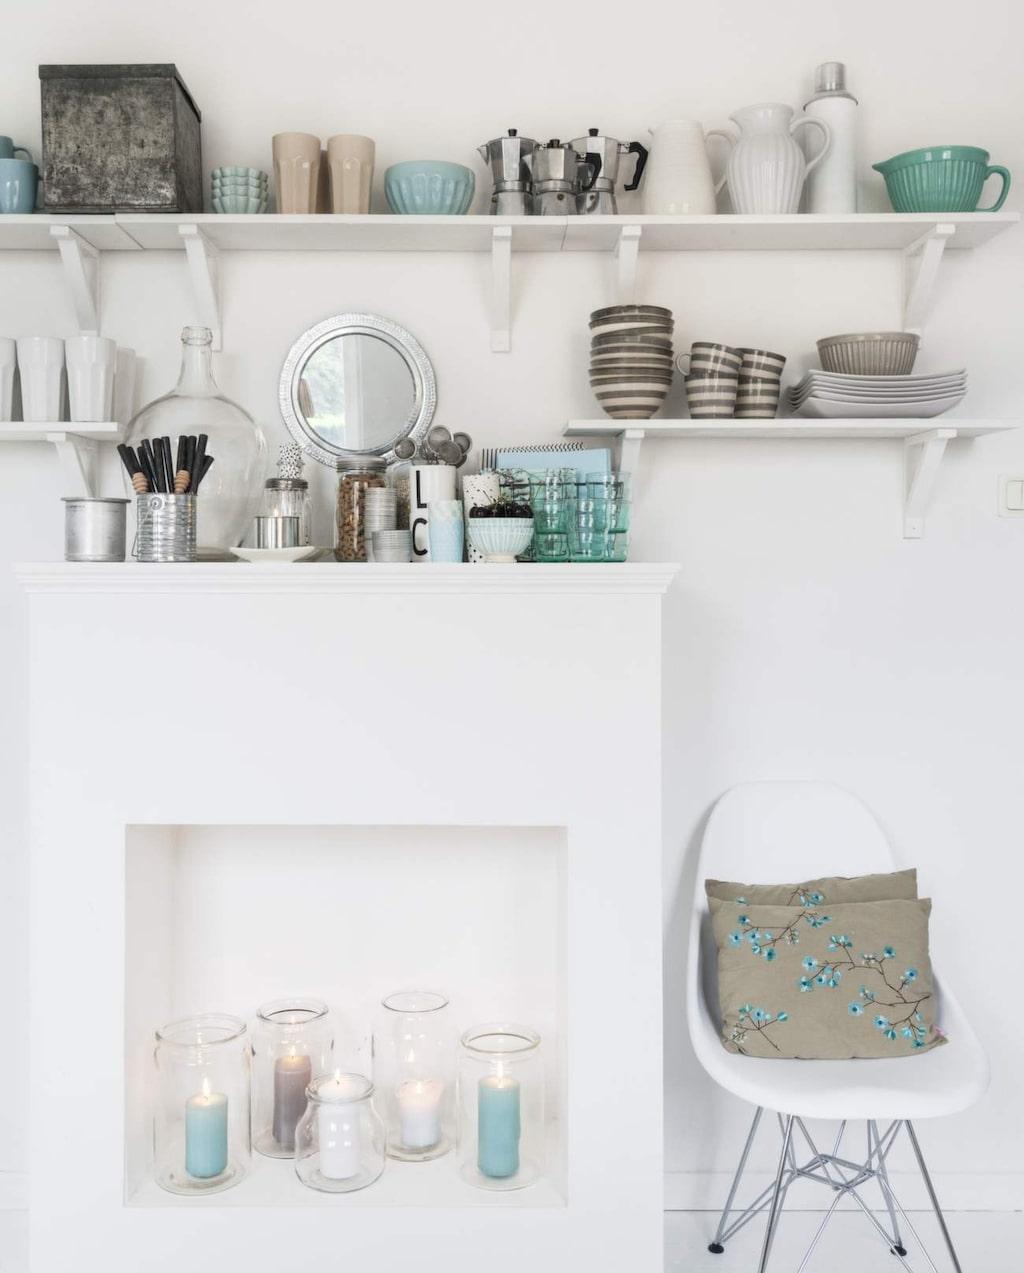 Spisen som är ett hemmabygge blir en bra möbel att ställa ingredienser och köksredskap på. På kvällarna lyser ljusen upp till ett vackert sken i det vita köket.